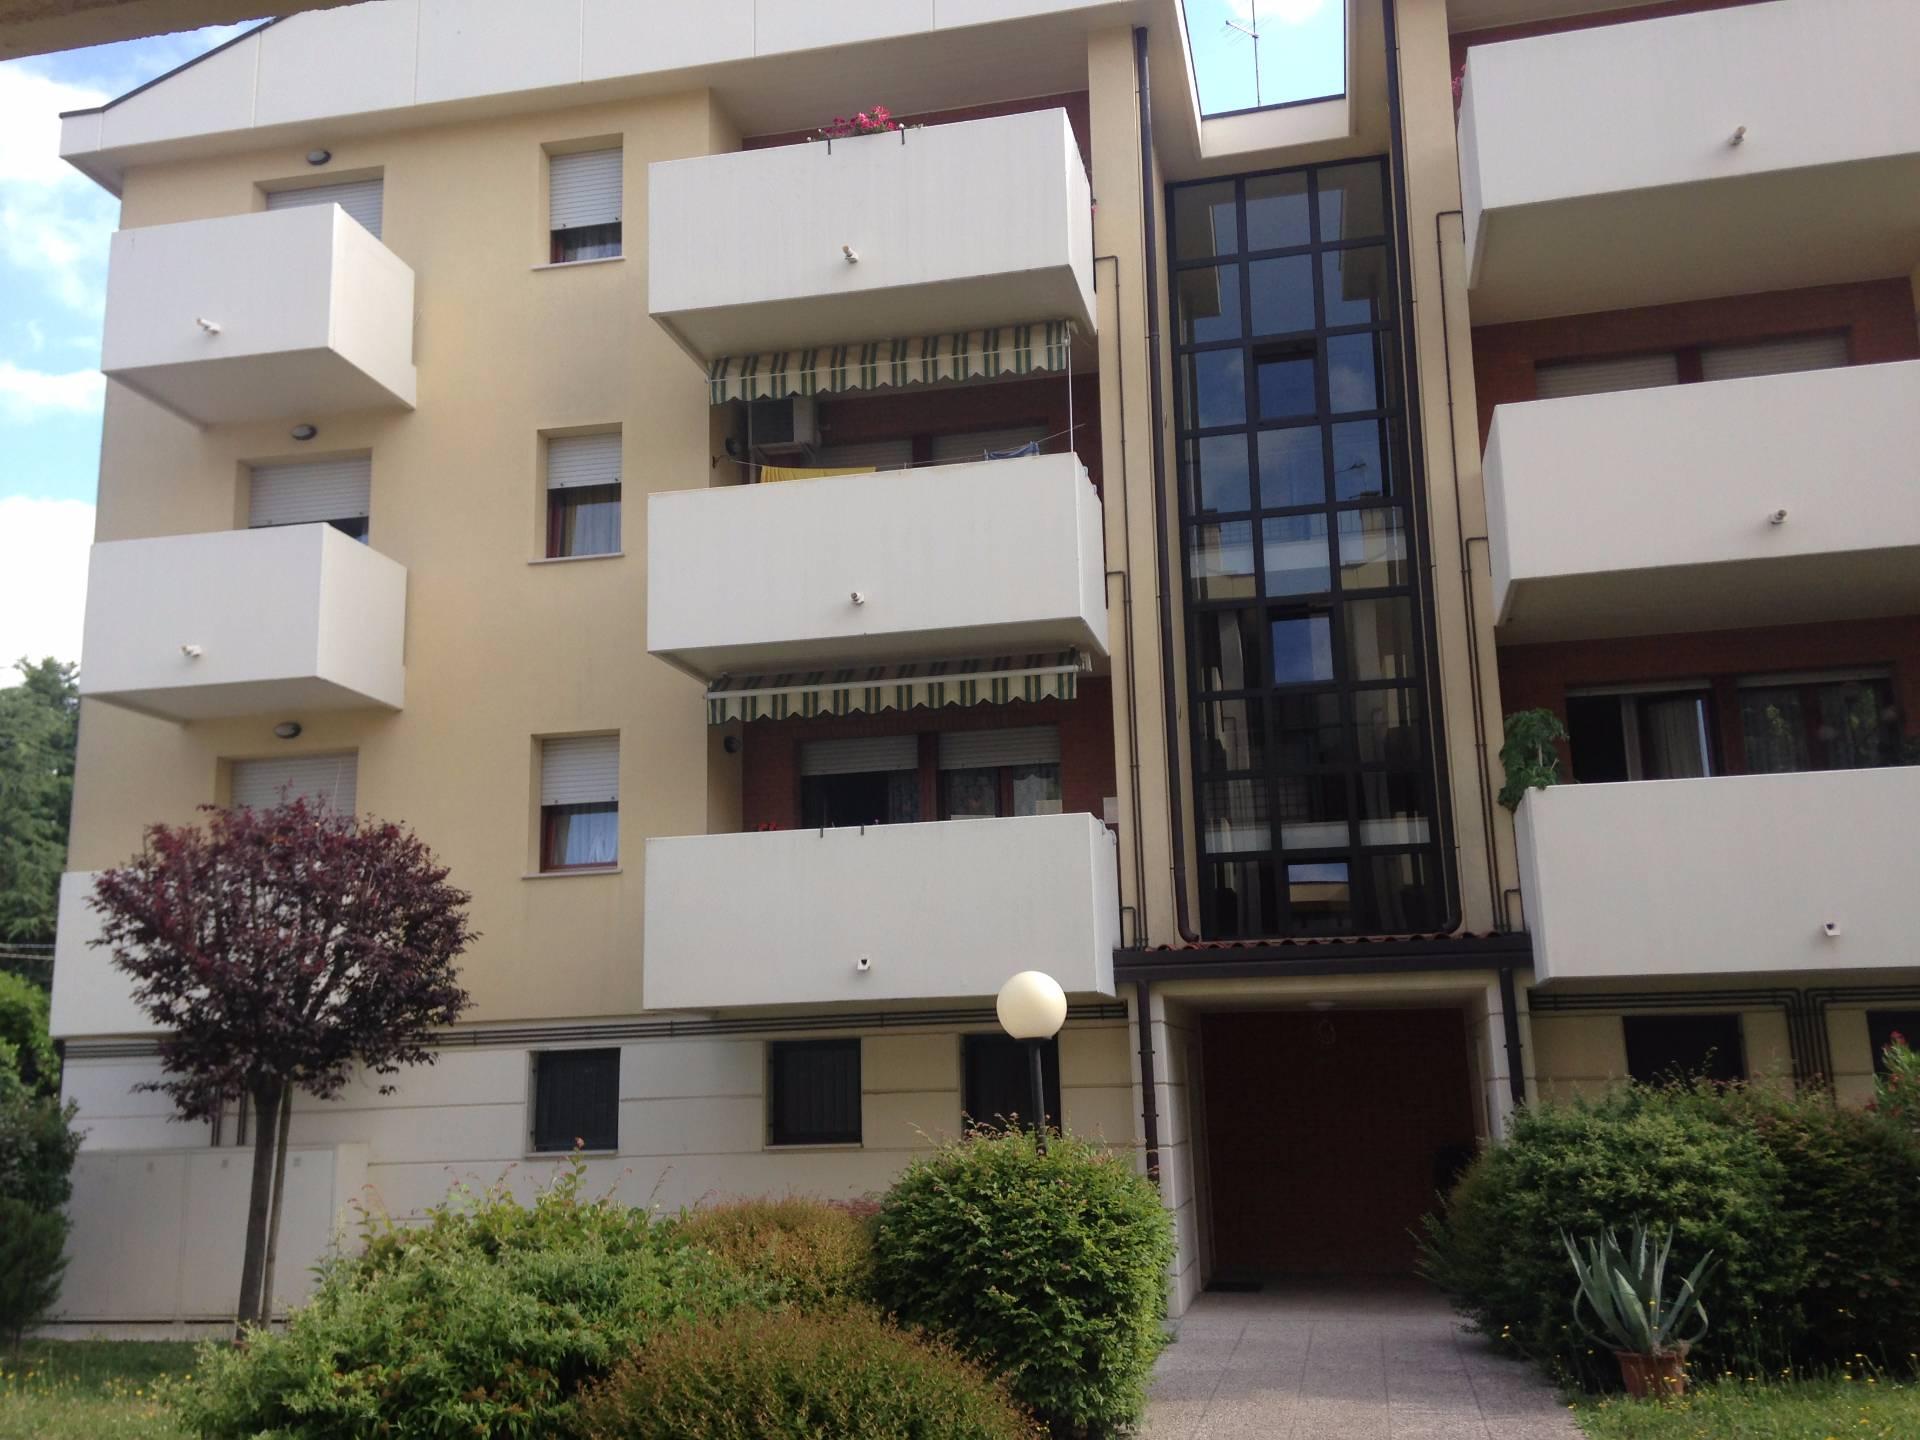 Appartamento in affitto a Spinea, 4 locali, prezzo € 105.000 | Cambio Casa.it